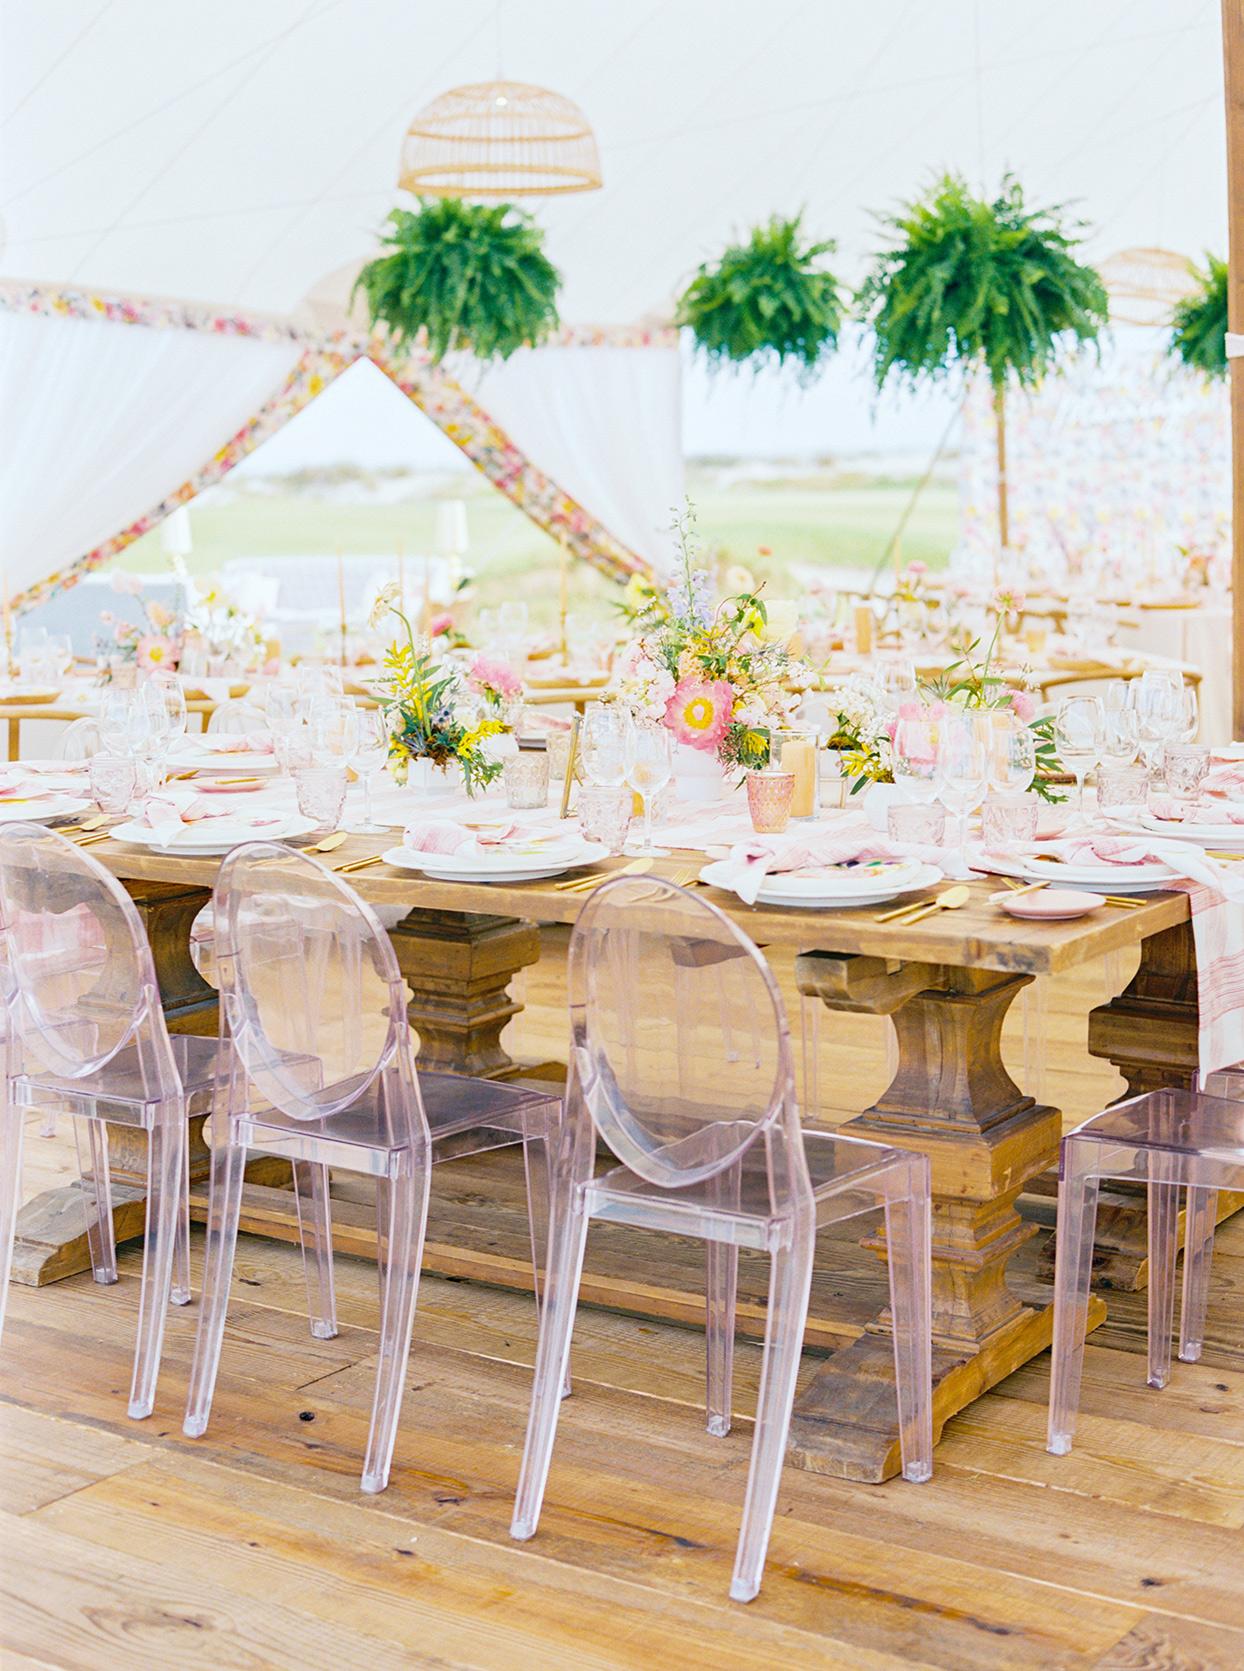 lauren dan wedding reception tables in tent